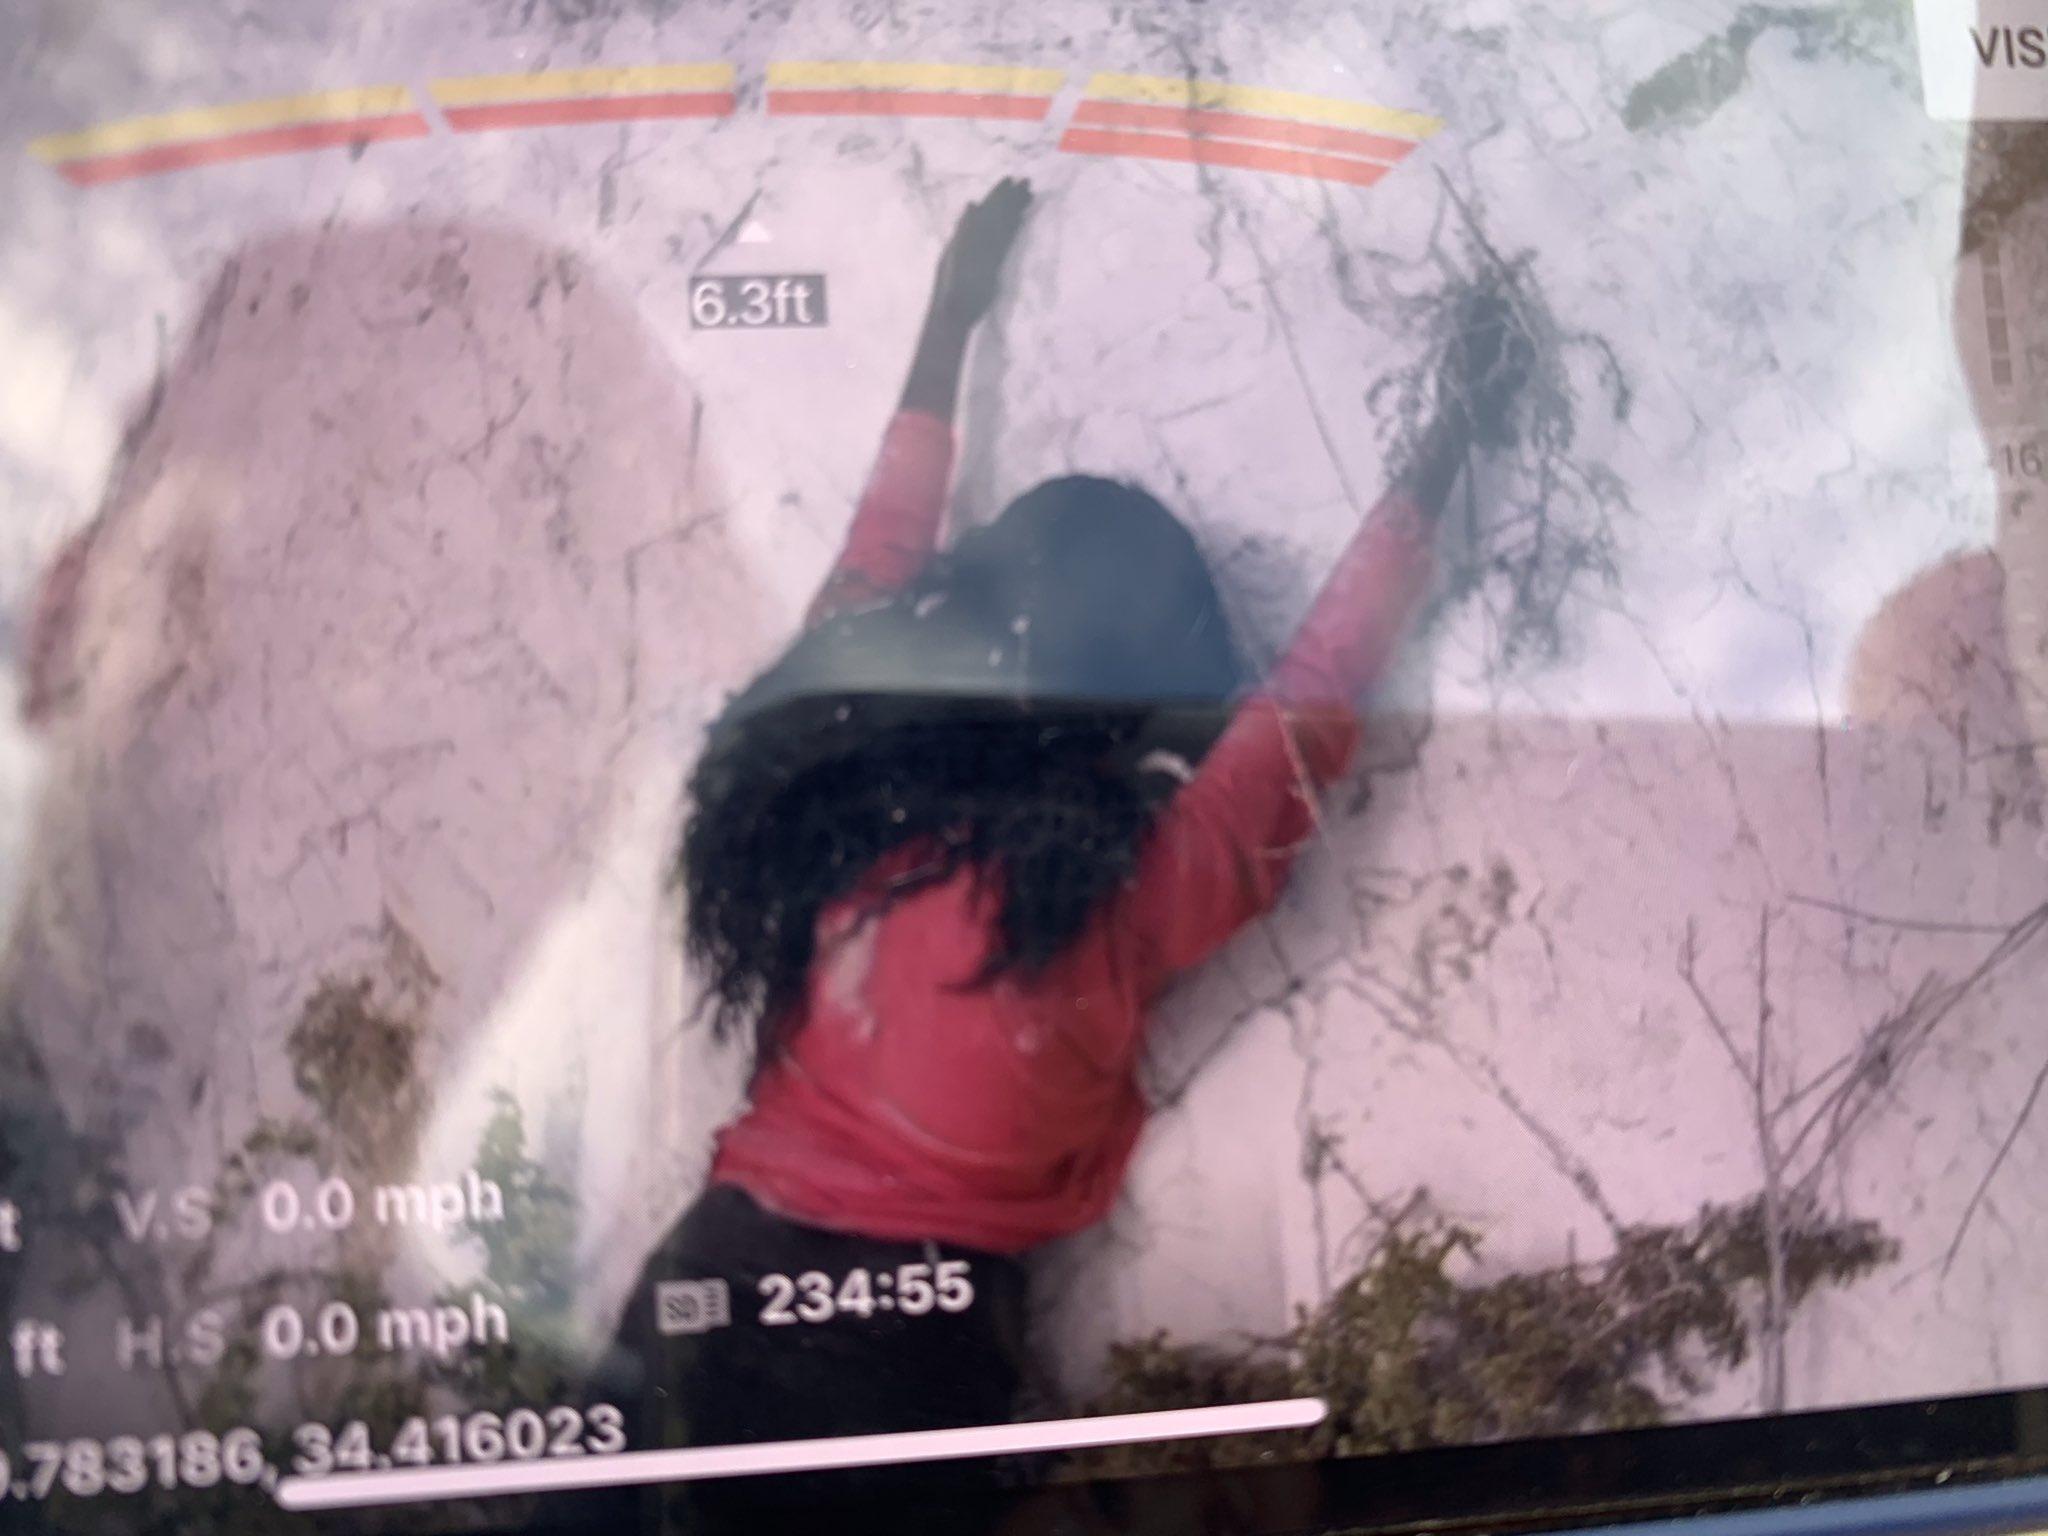 Застрявшая на скале женщина оказалась простокинореквизитом/ фото twitter.com/SBCFireInfo